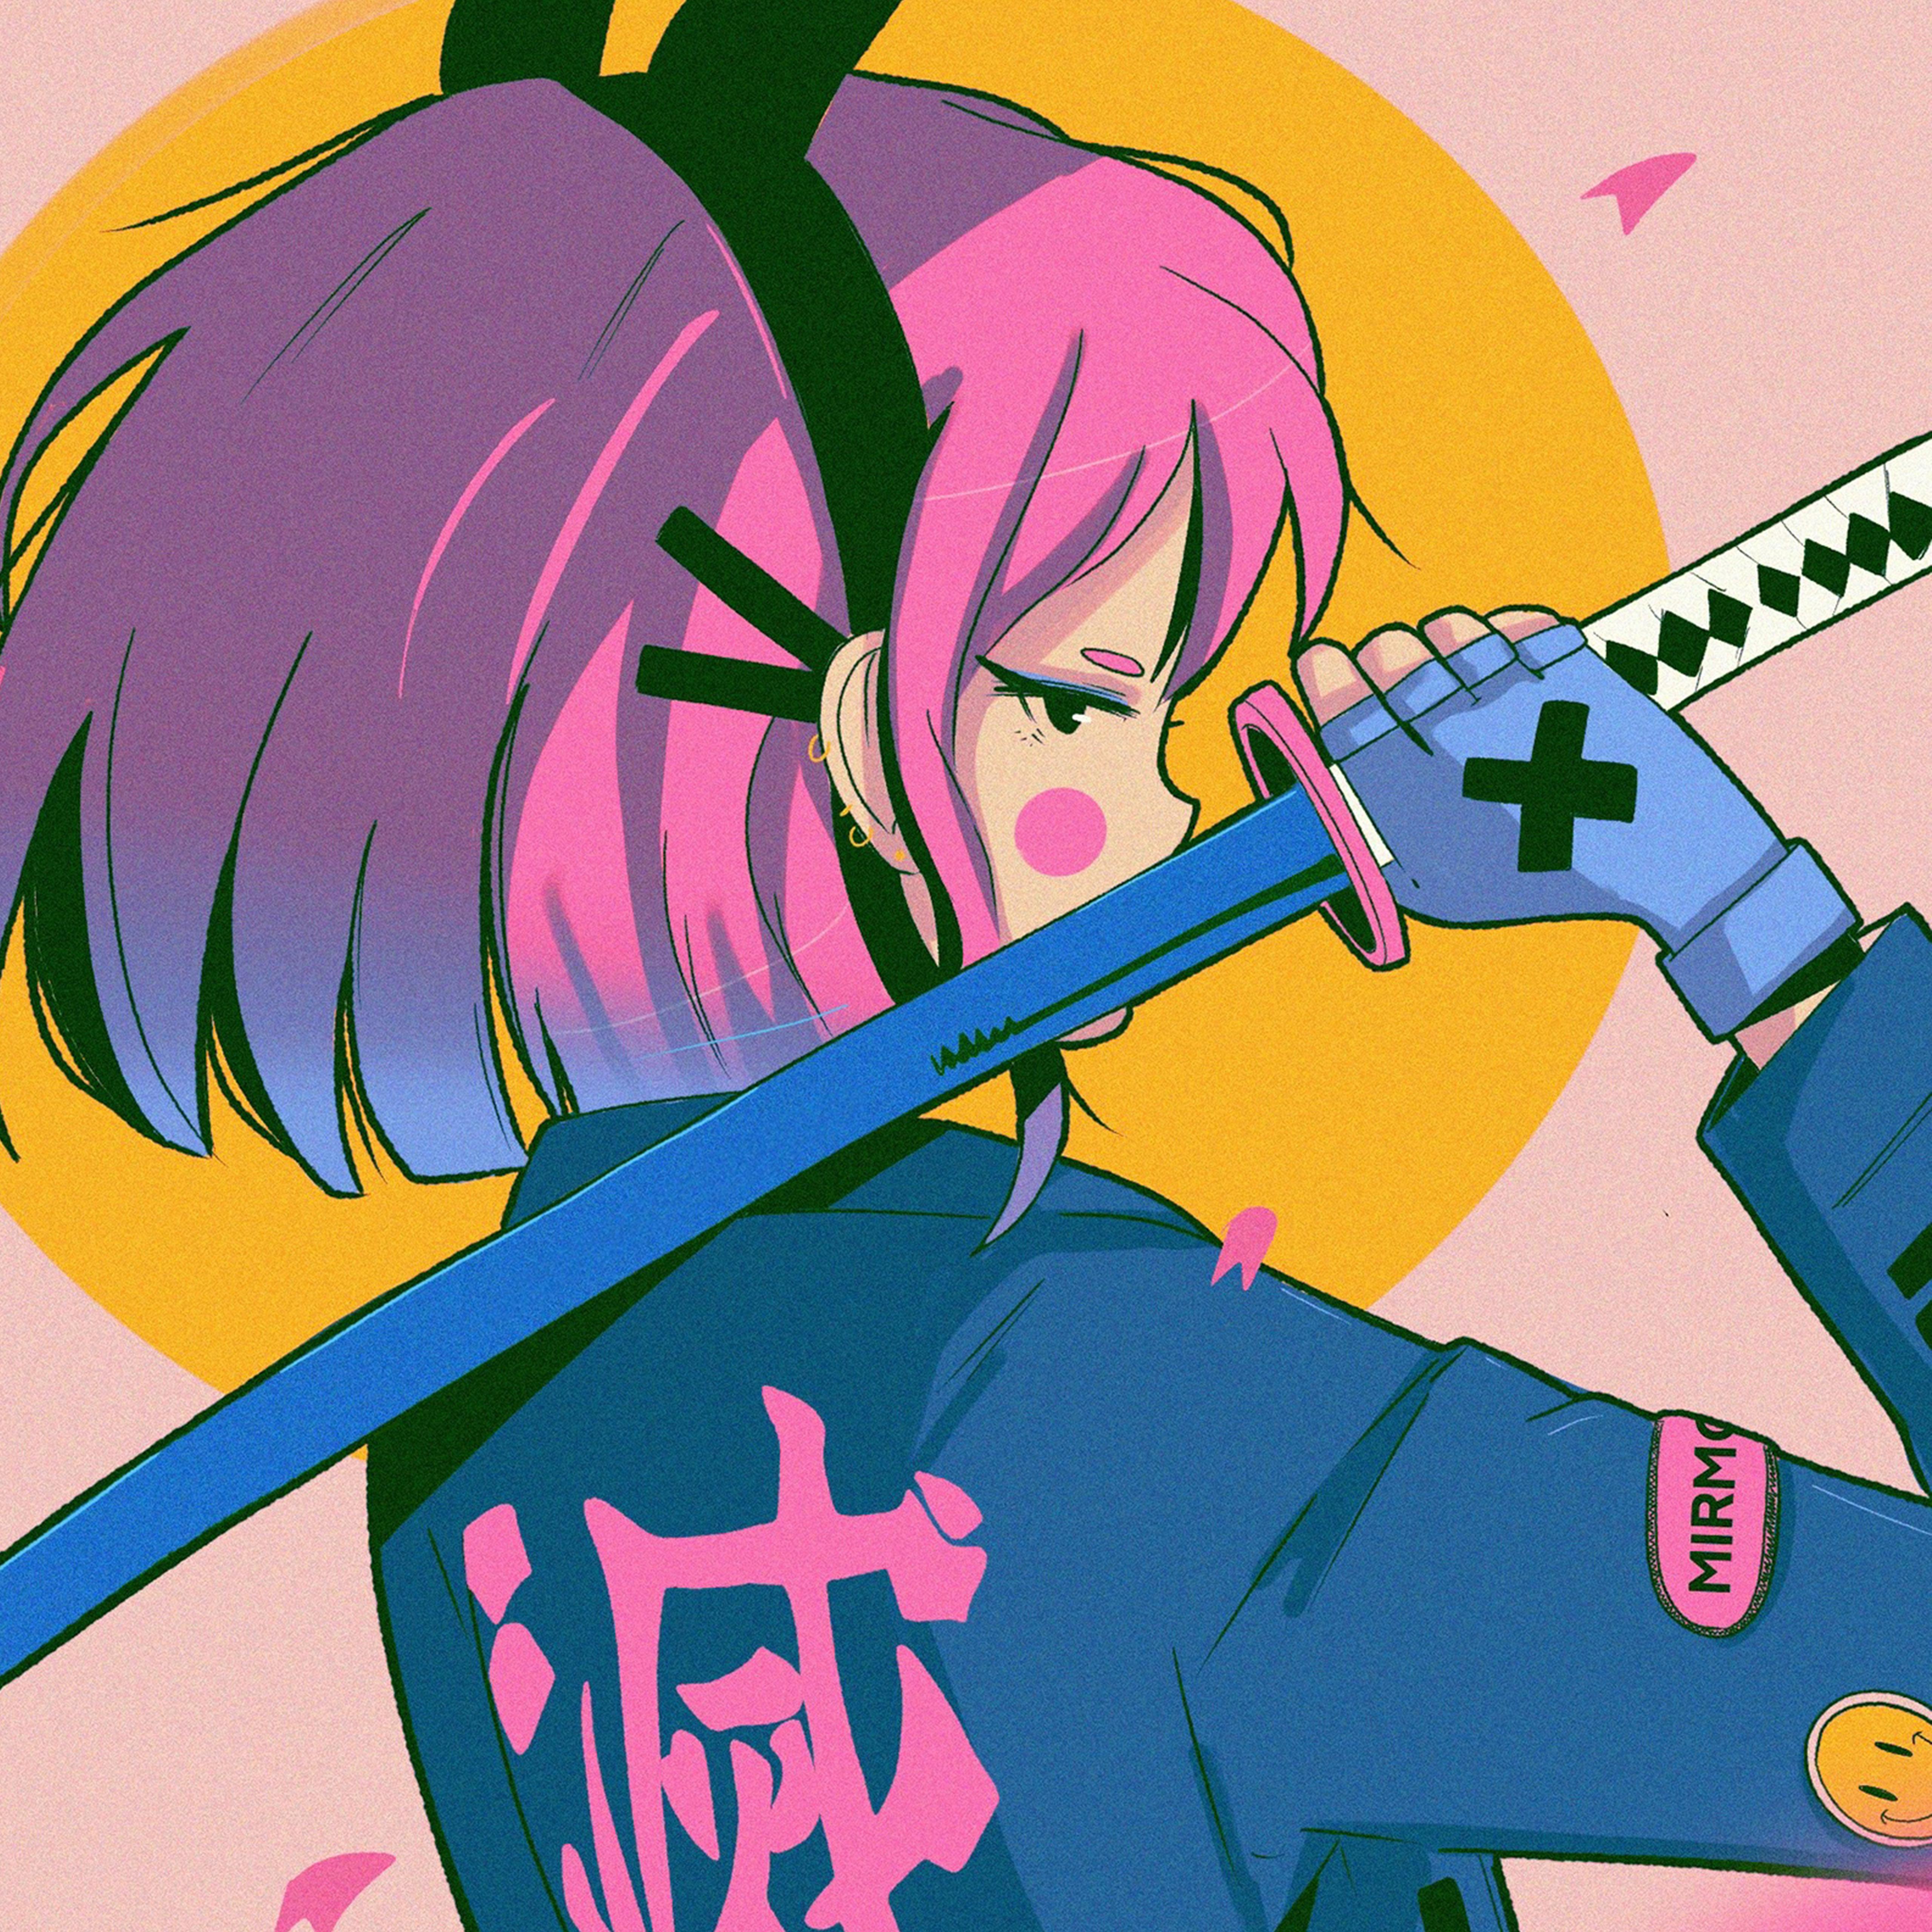 Bj90 Art Japan Girl Illust Sword Pink Wallpaper